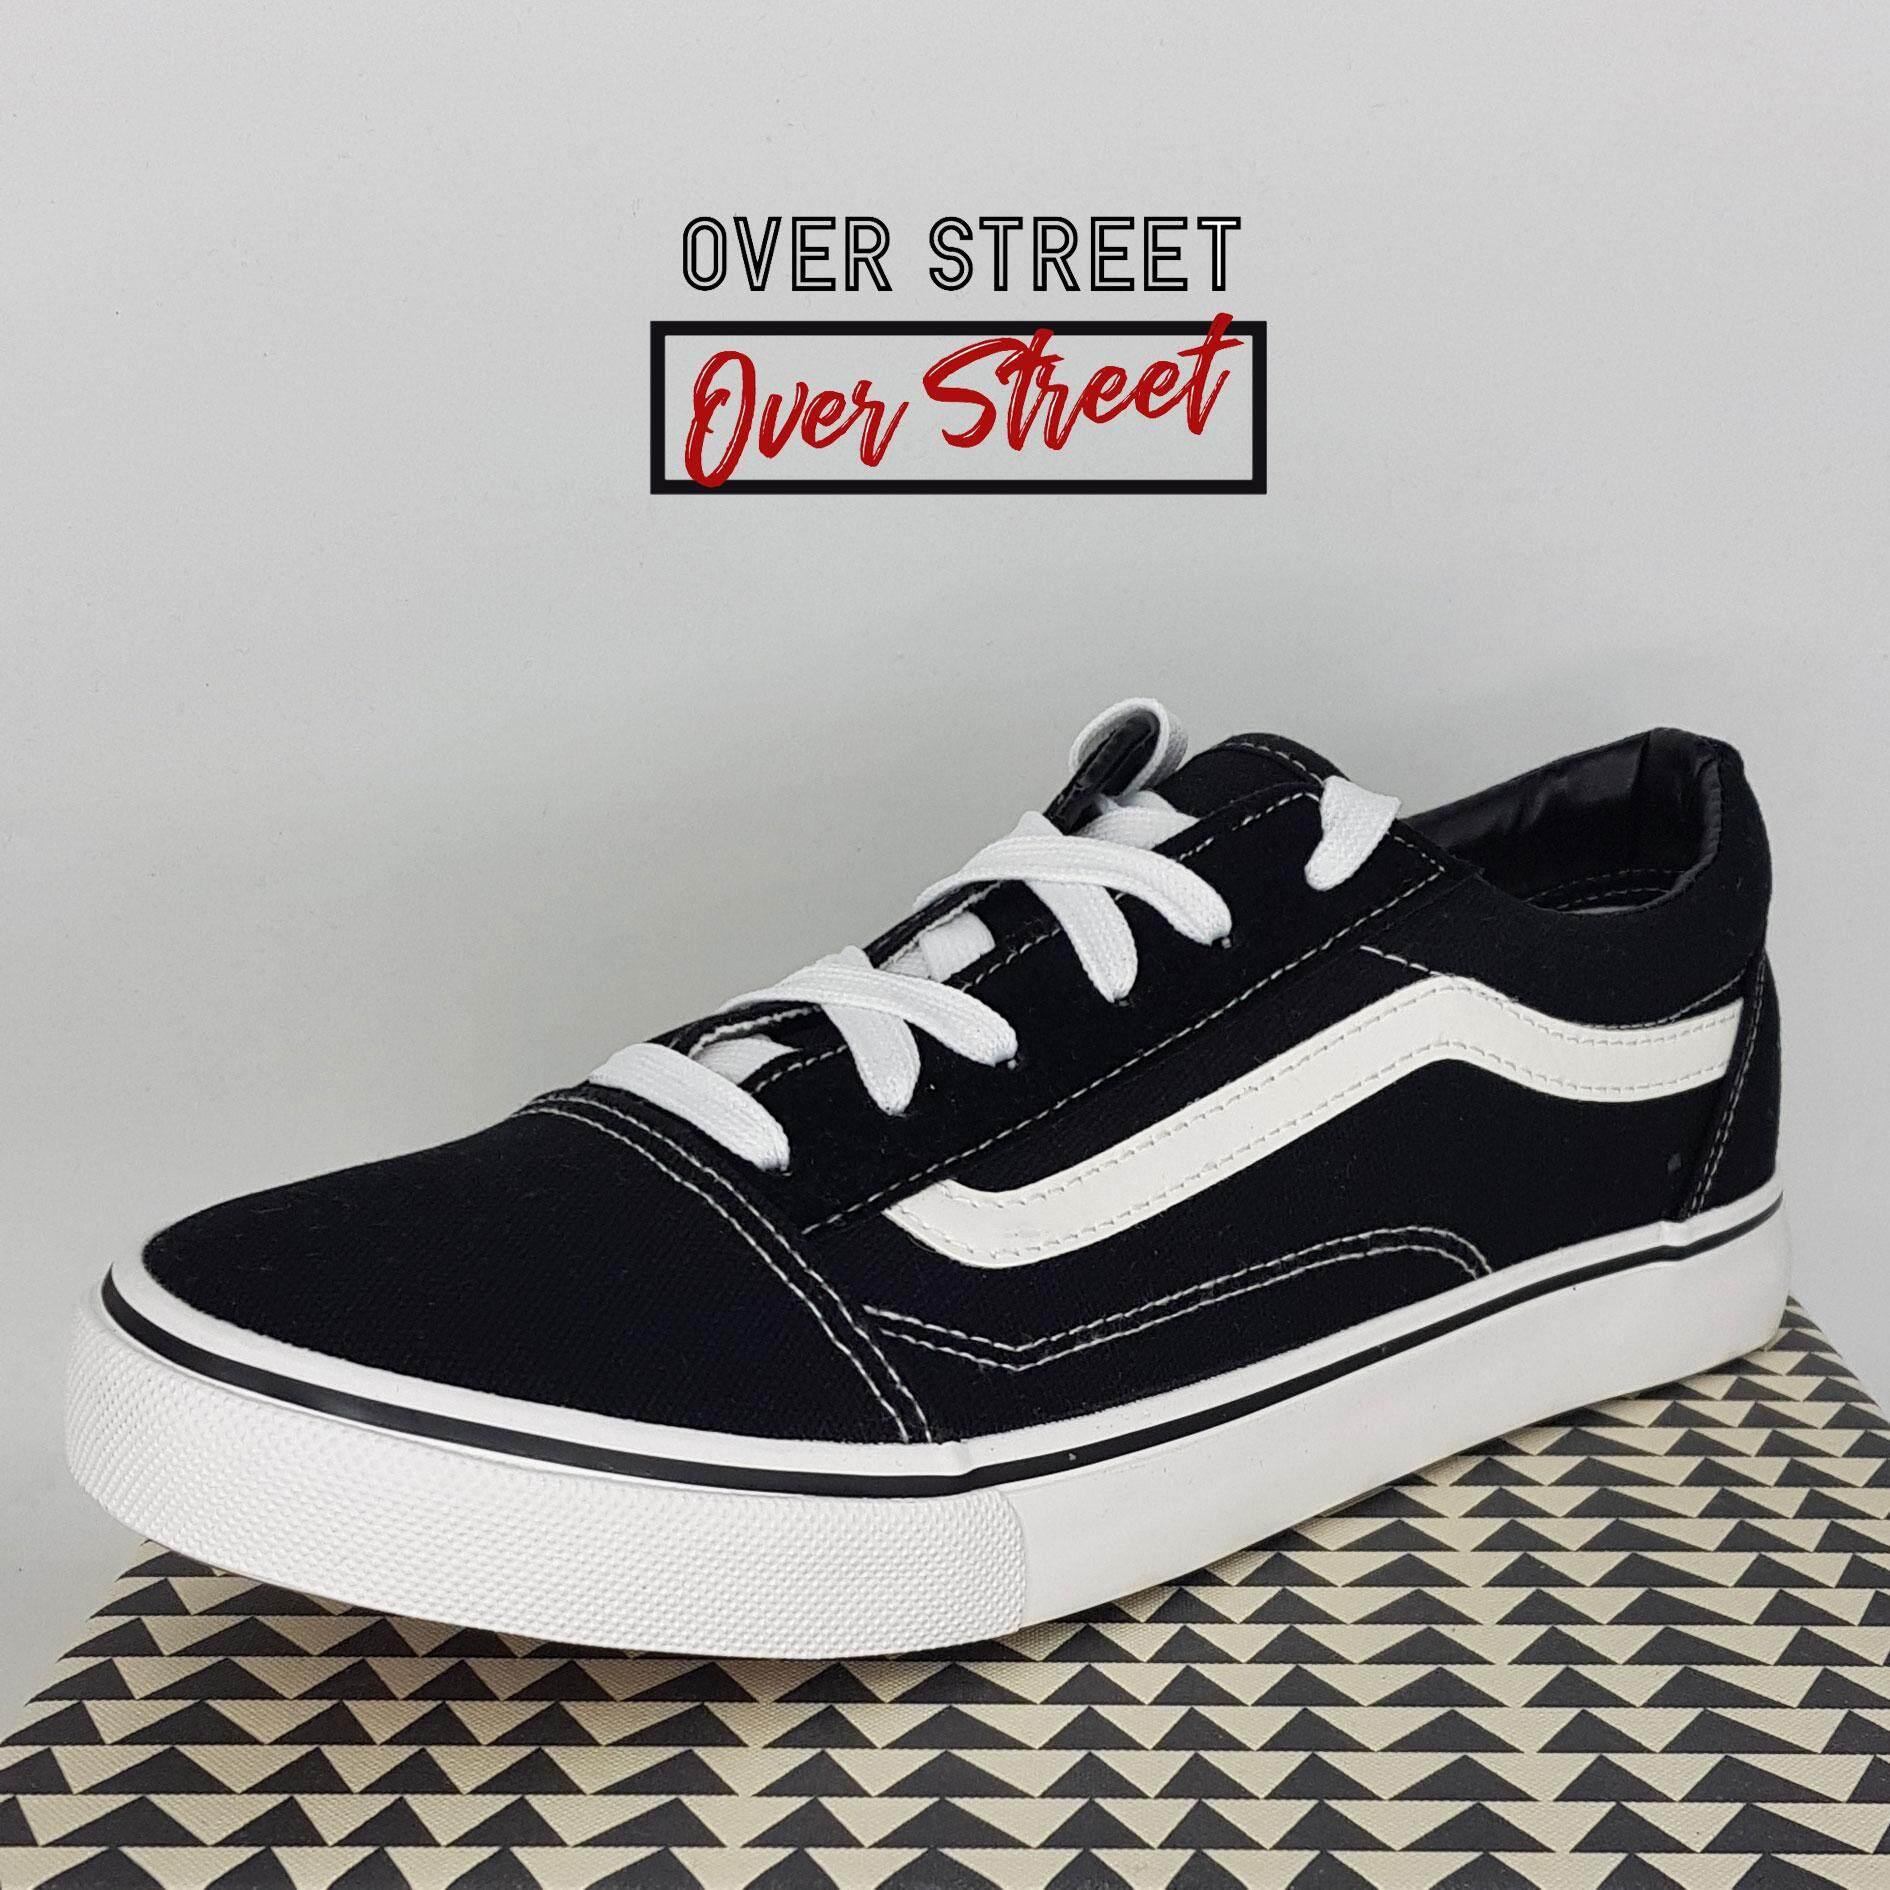 Overstreet รองเท้าผ้าใบผู้ชาย สีดำ(black) ทรงvans ยอดนิยม สวมใส่ง่ายสบาย พร้อมทุกจังหวะ!!!! By Overstreet.